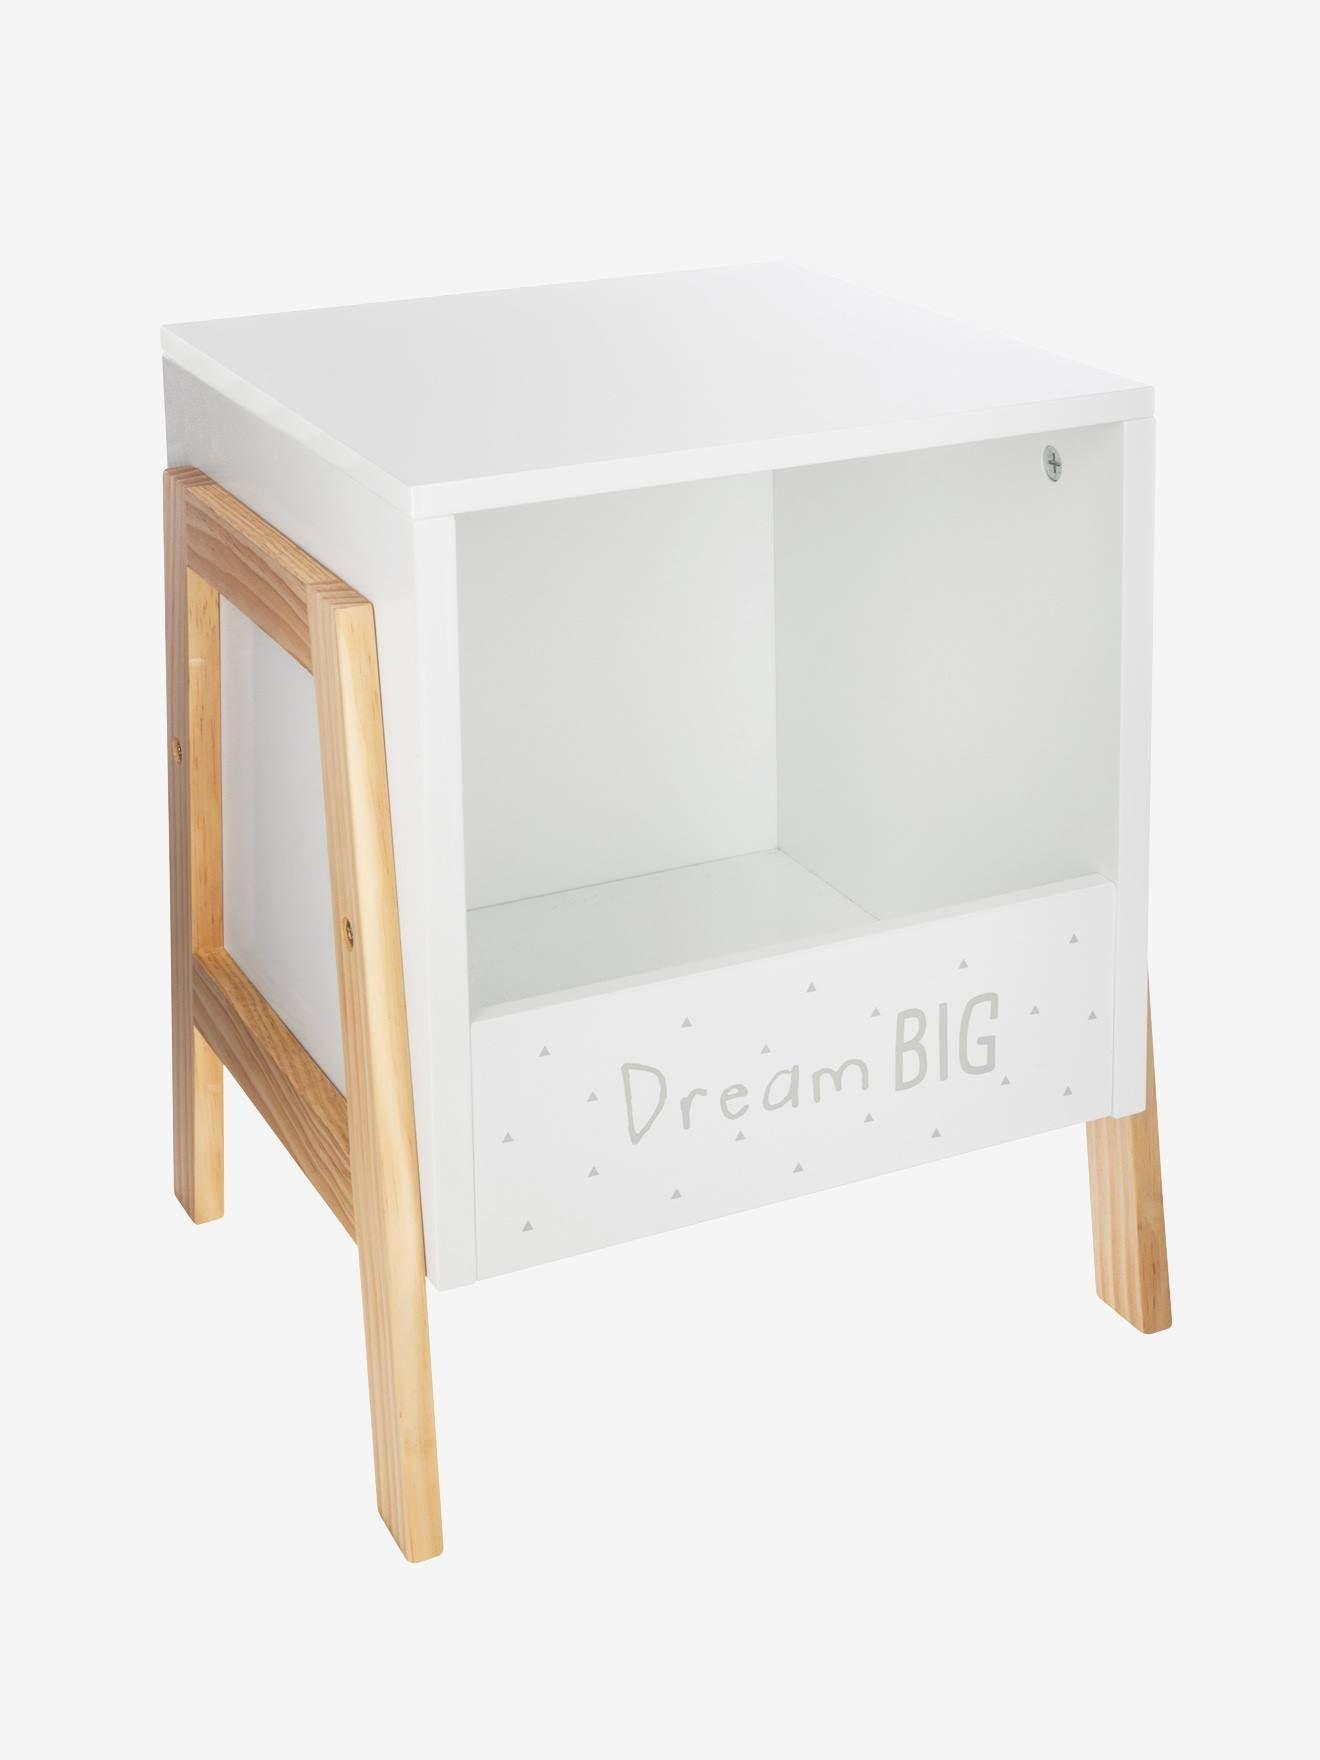 Chevet Dream Big Blanc Voici Un Chevet Sympa Et Tres Pratique Pour Y Poser La Lampe De Chevet Et Y Glisser Les Petites Chevet Design Chevet Idee Deco Maison